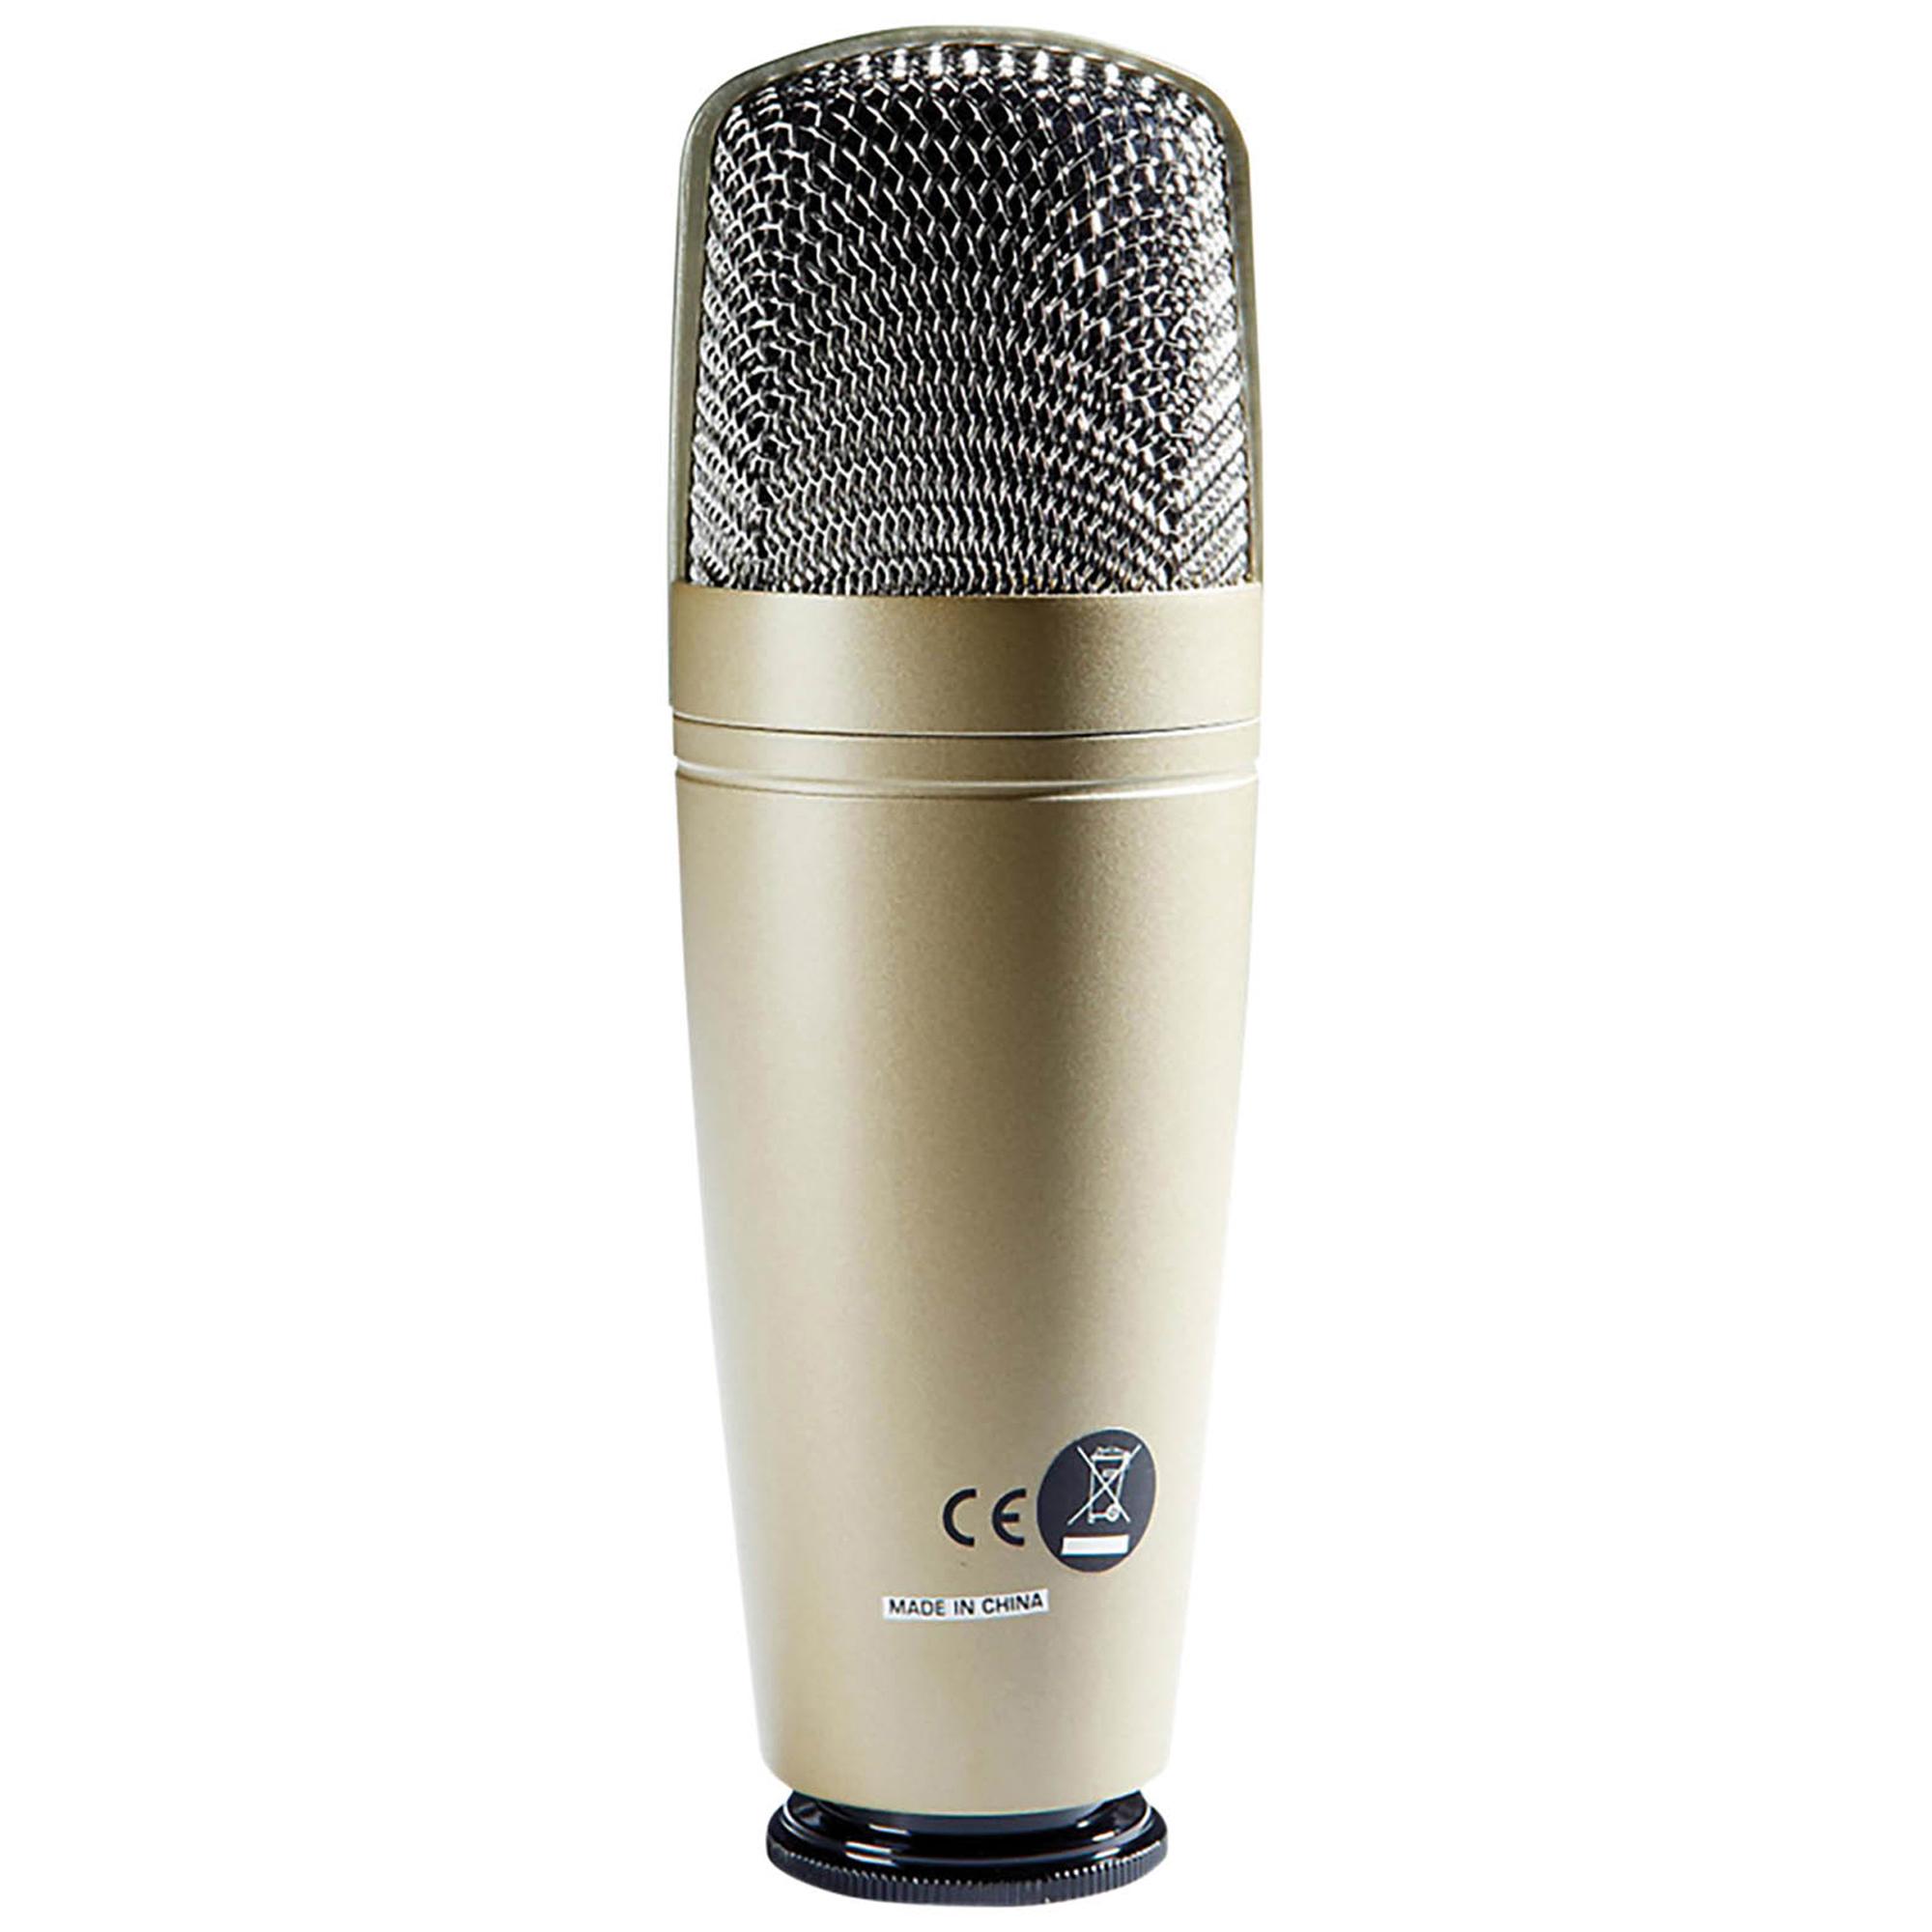 behringer c 1 large diaphragm studio condenser microphone. Black Bedroom Furniture Sets. Home Design Ideas